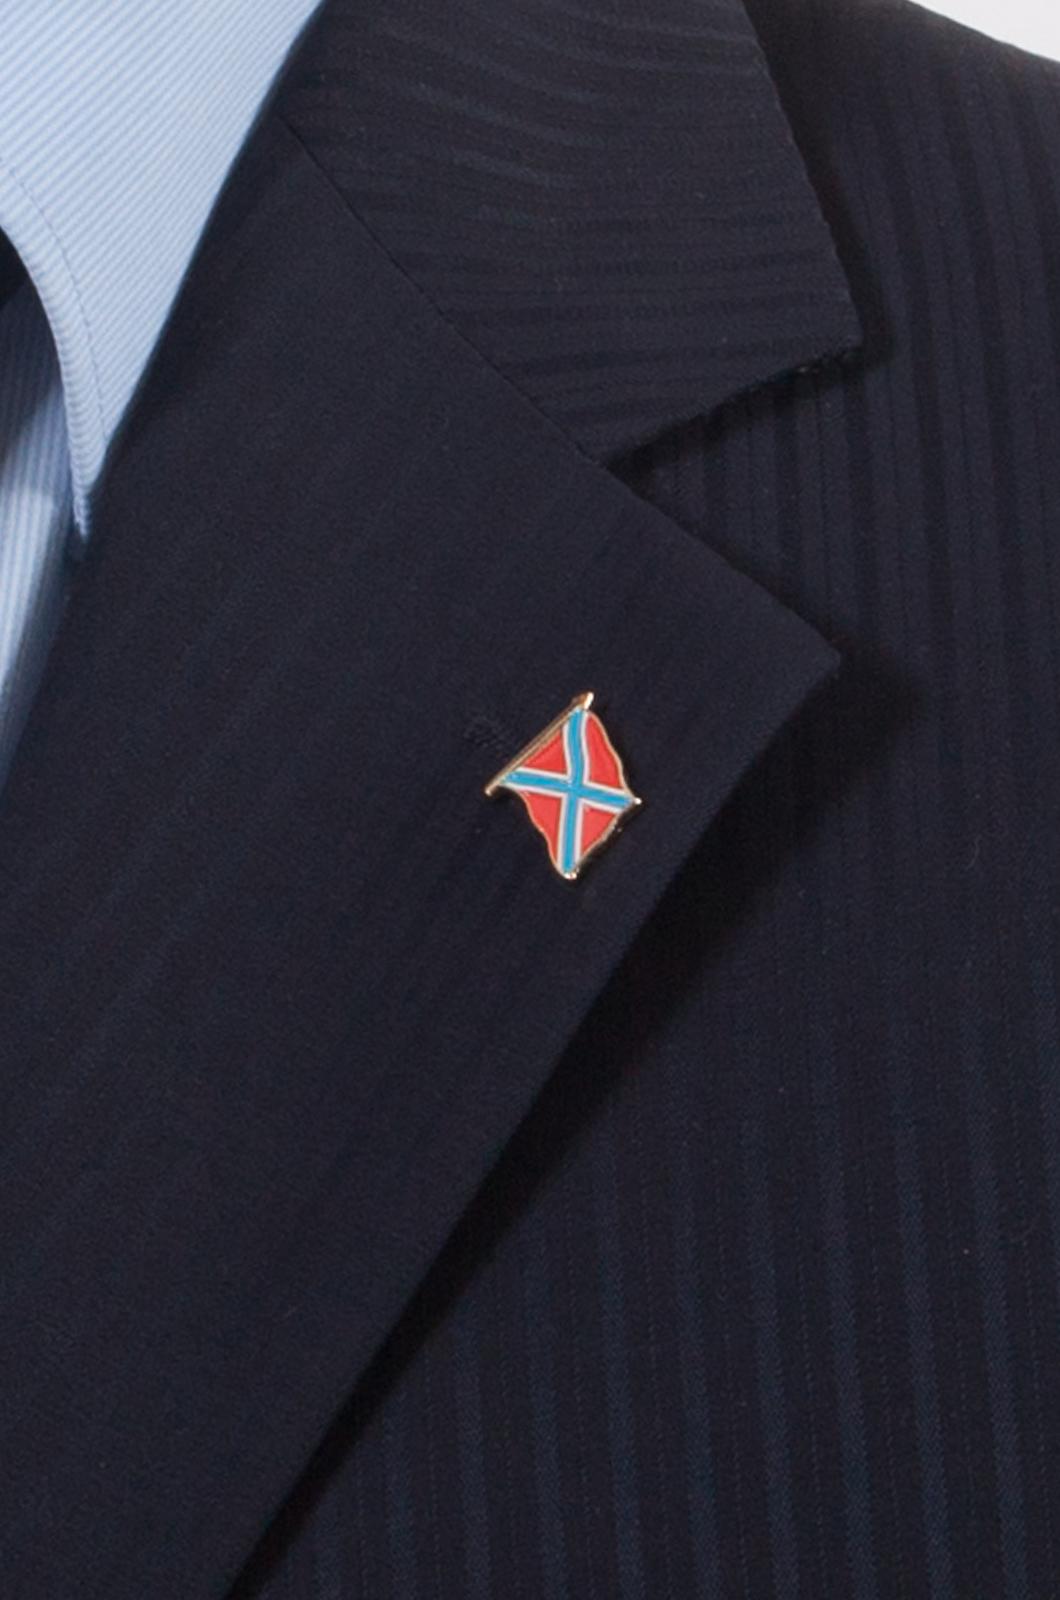 """Значок """"Боевой флаг Новороссии"""" - вид на пиджаке"""